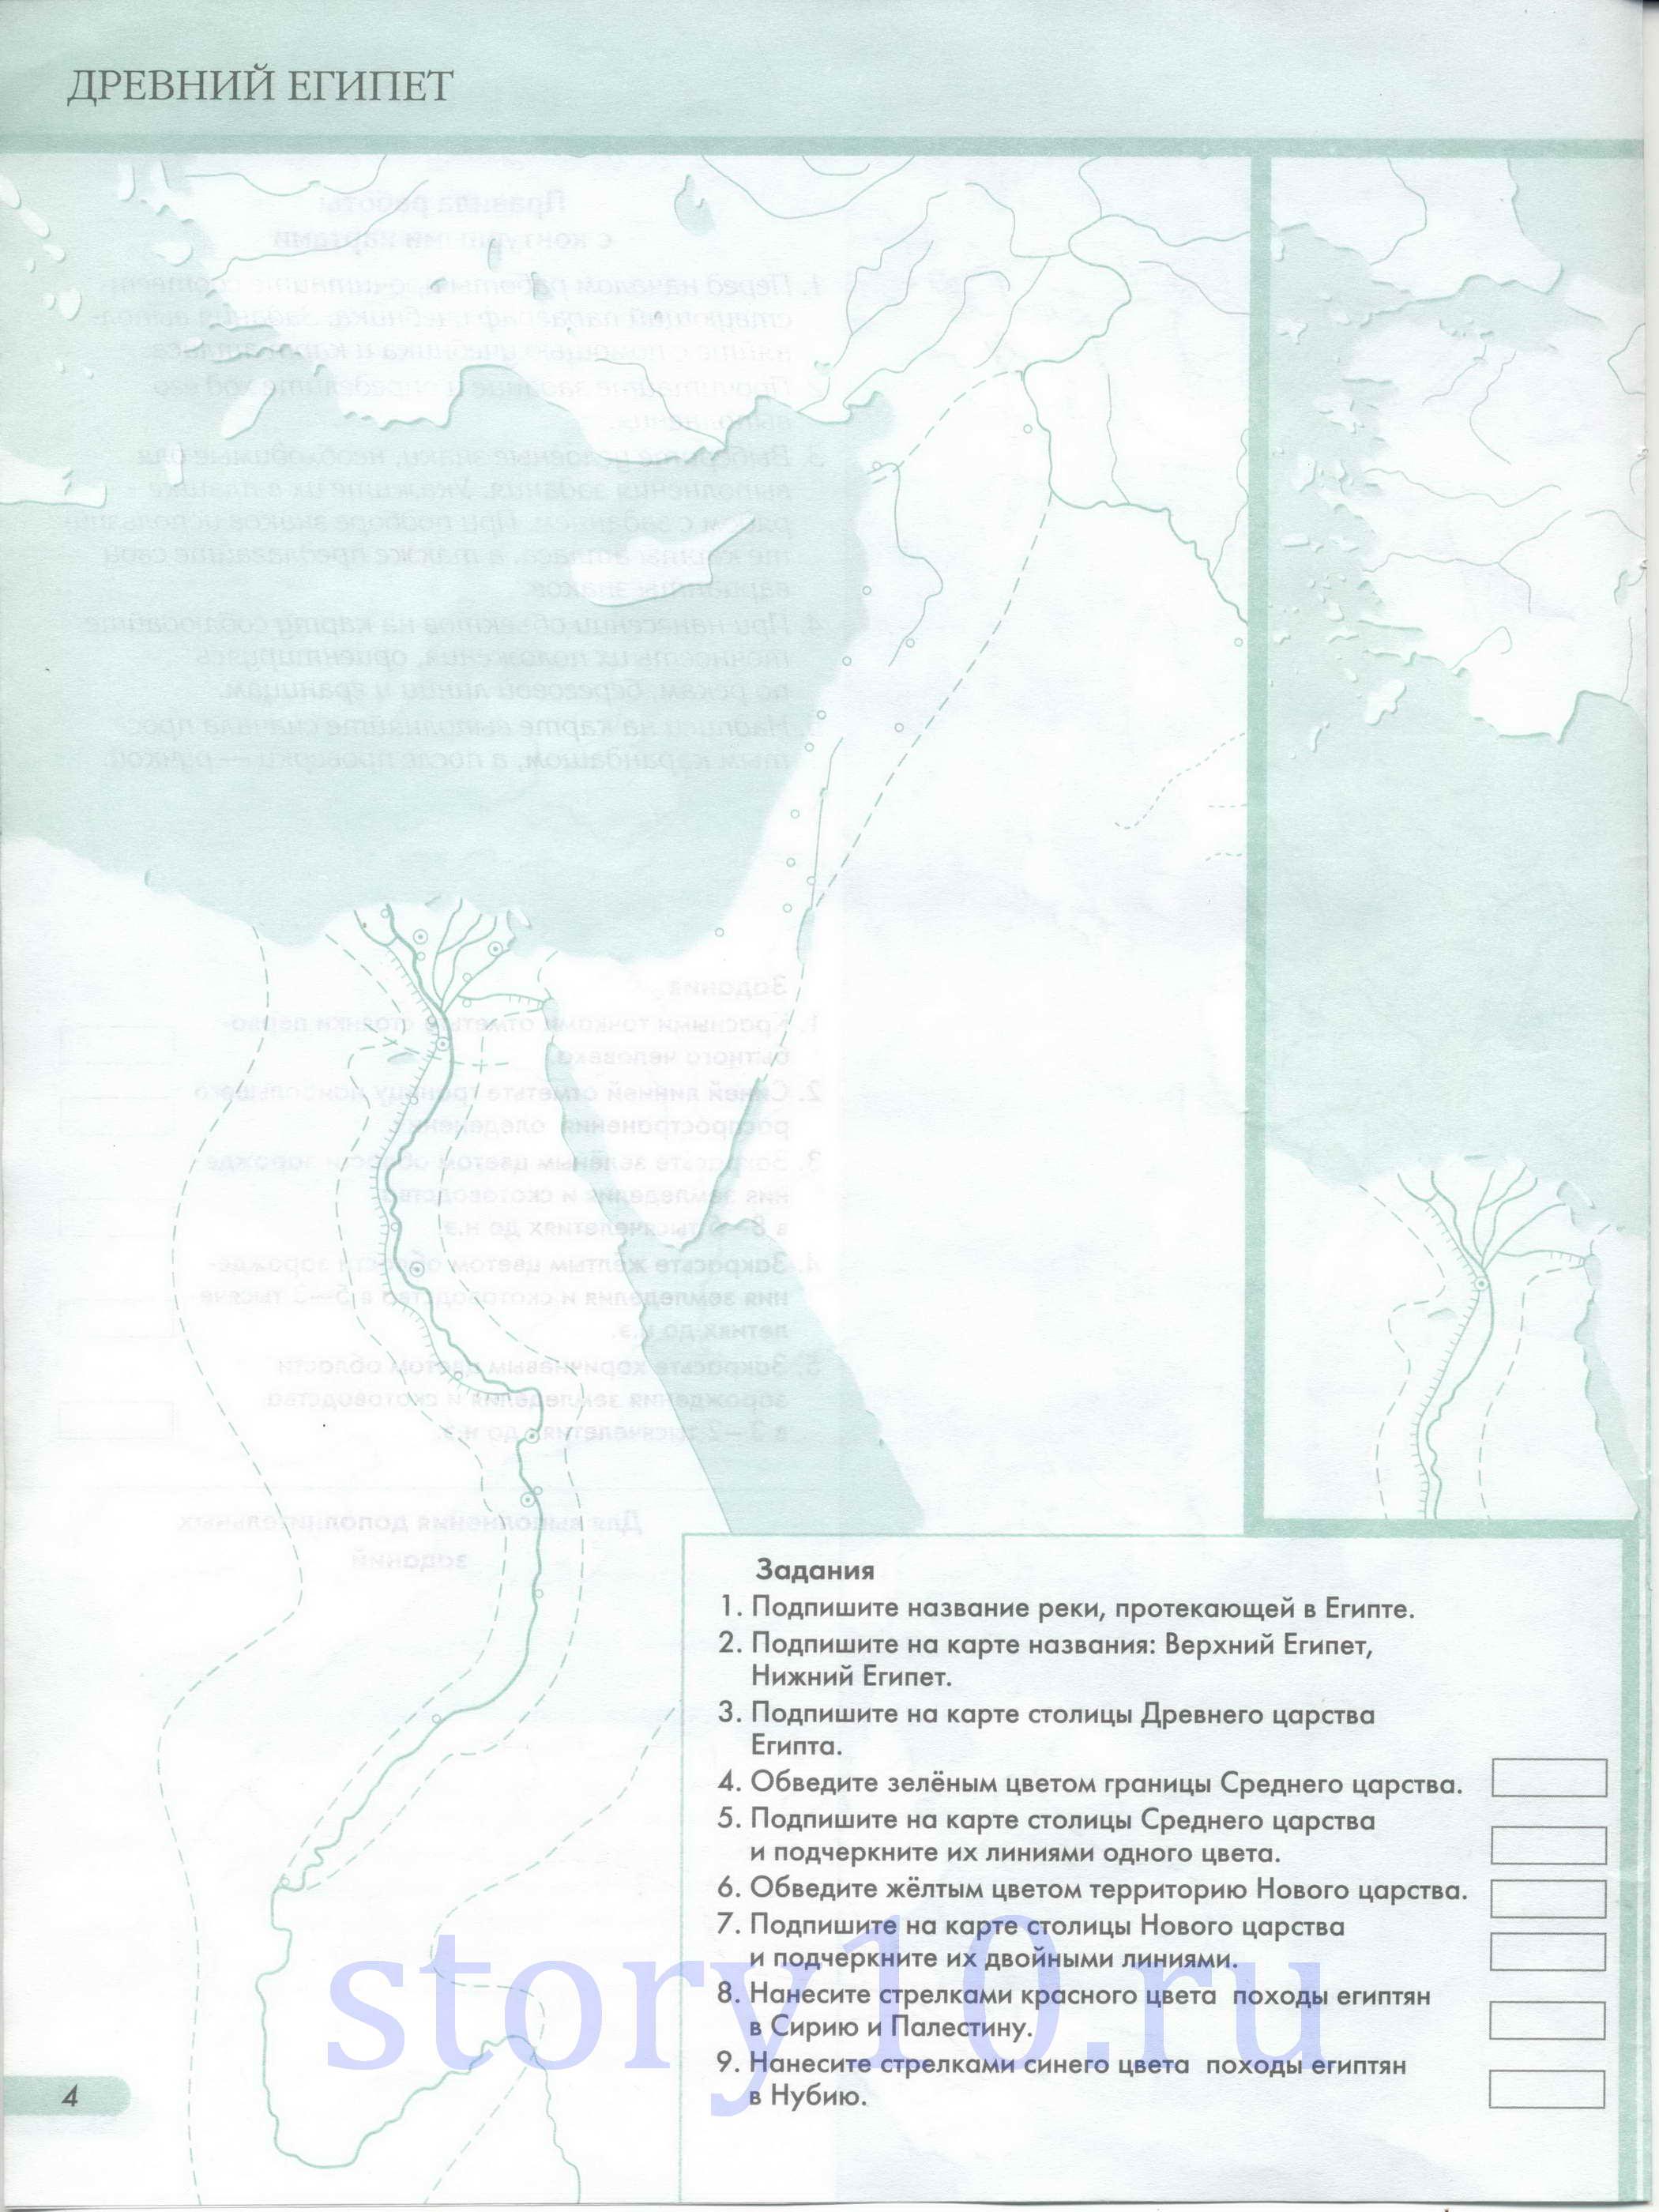 контурные карты по истории 5 класс древний египет решебник